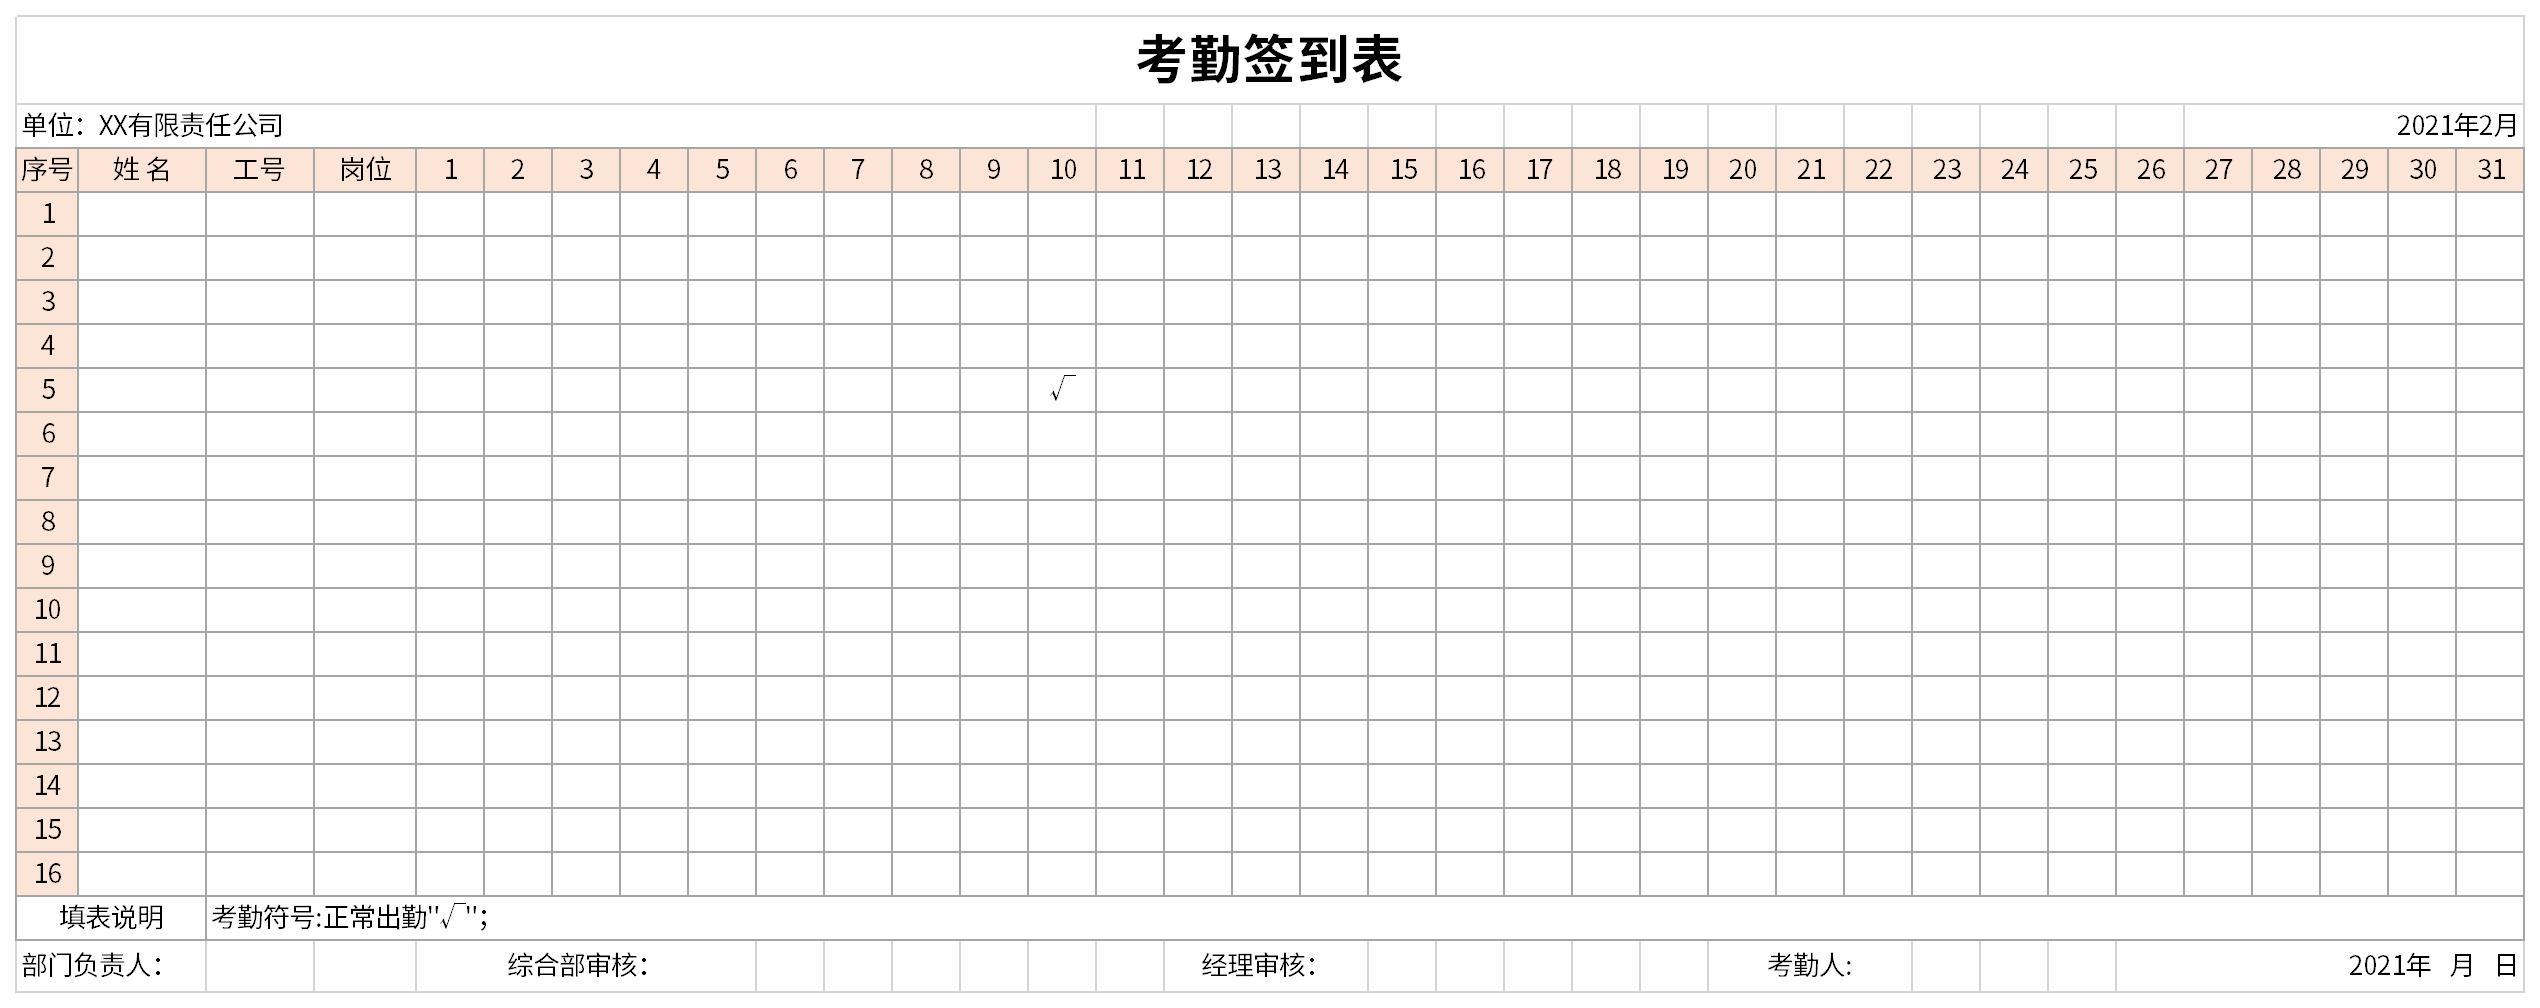 考勤每日签到表模板截图